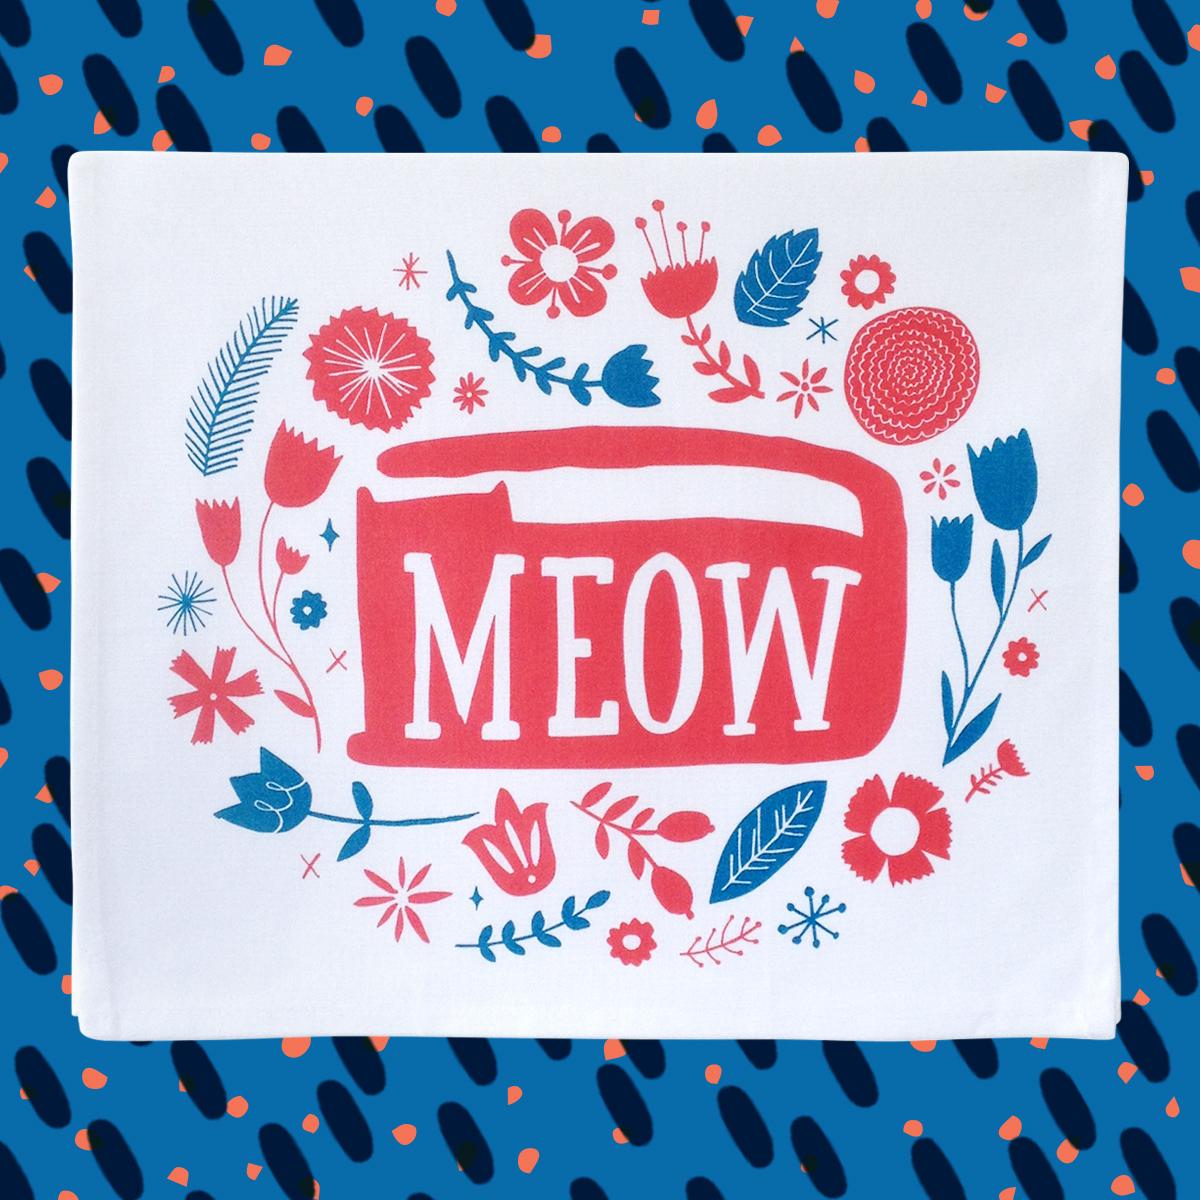 meow_kitchen_insta.jpg